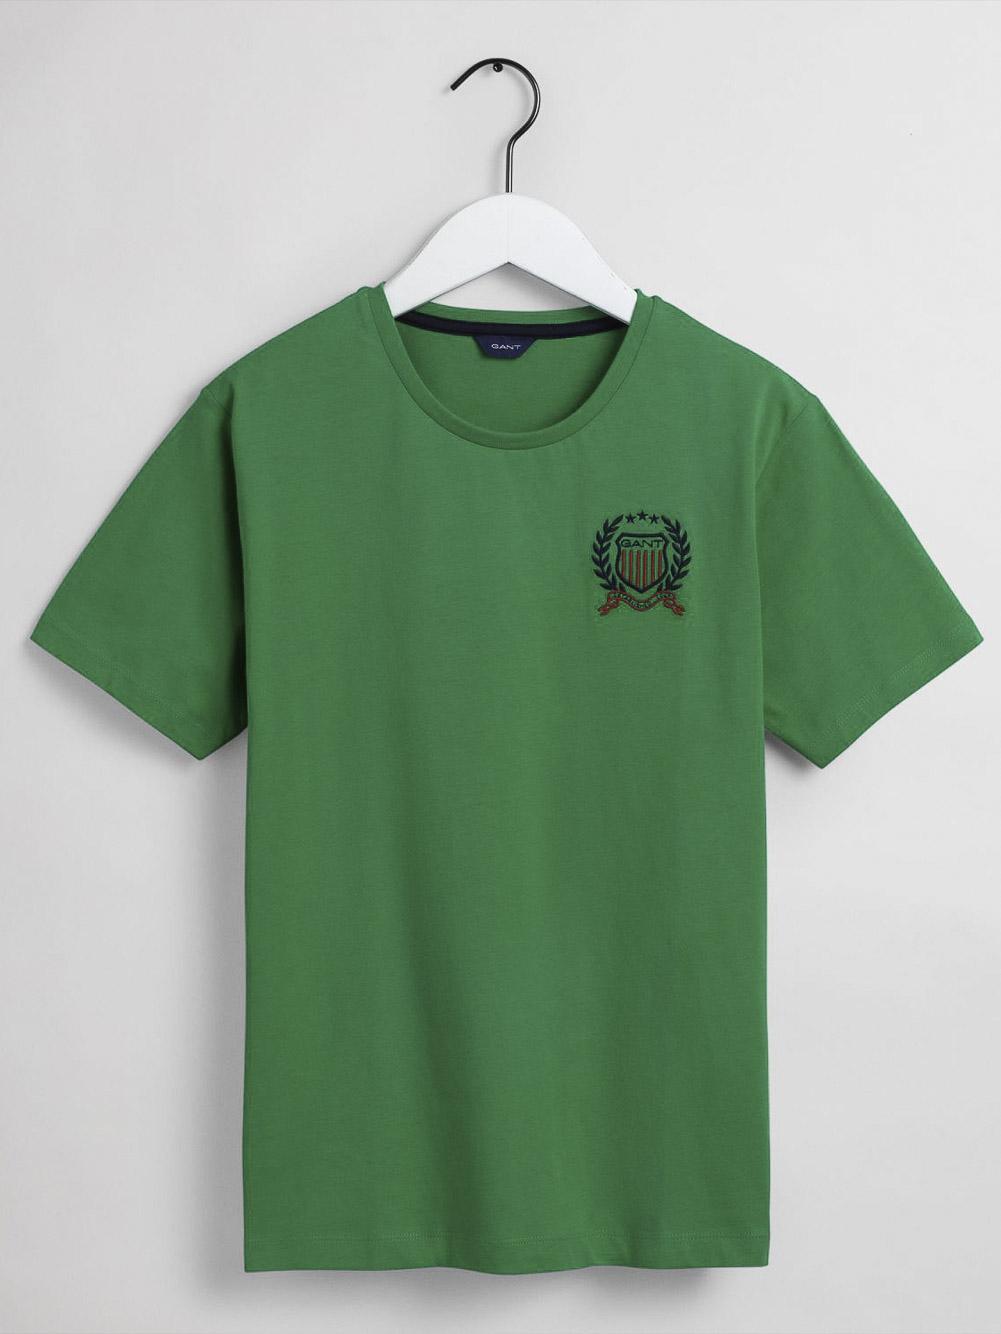 GANT Μπλούζα t-shirt 3G905187-367 ΠΡΑΣΙΝΟ